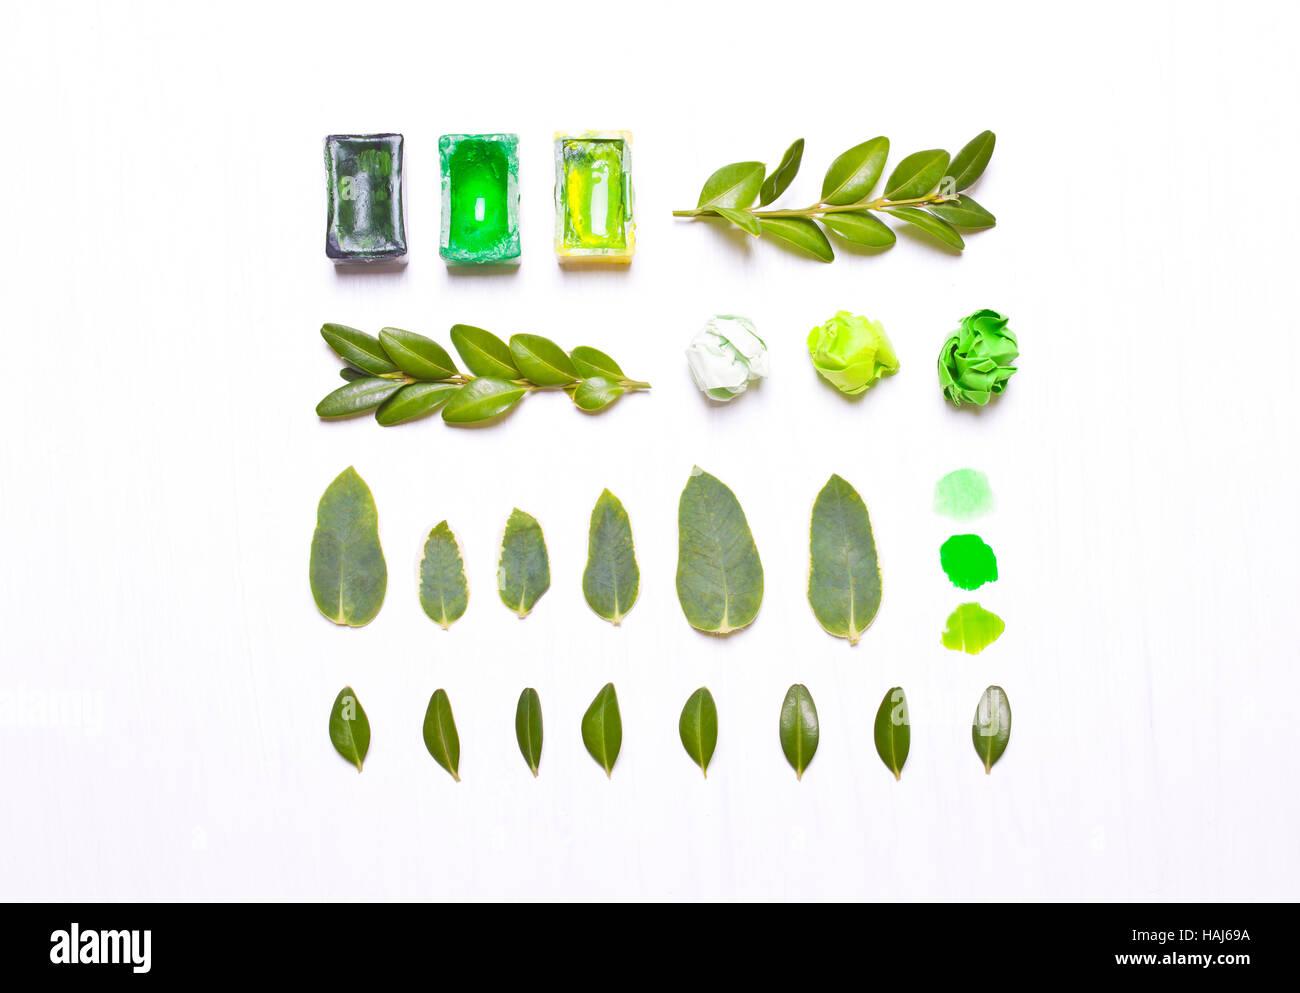 Les peintures, feuilles vertes dans une rangée. L'art conceptuel, en milieu de table designer.Télévision lay, overhead view.Type télévision, vue du dessus Banque D'Images